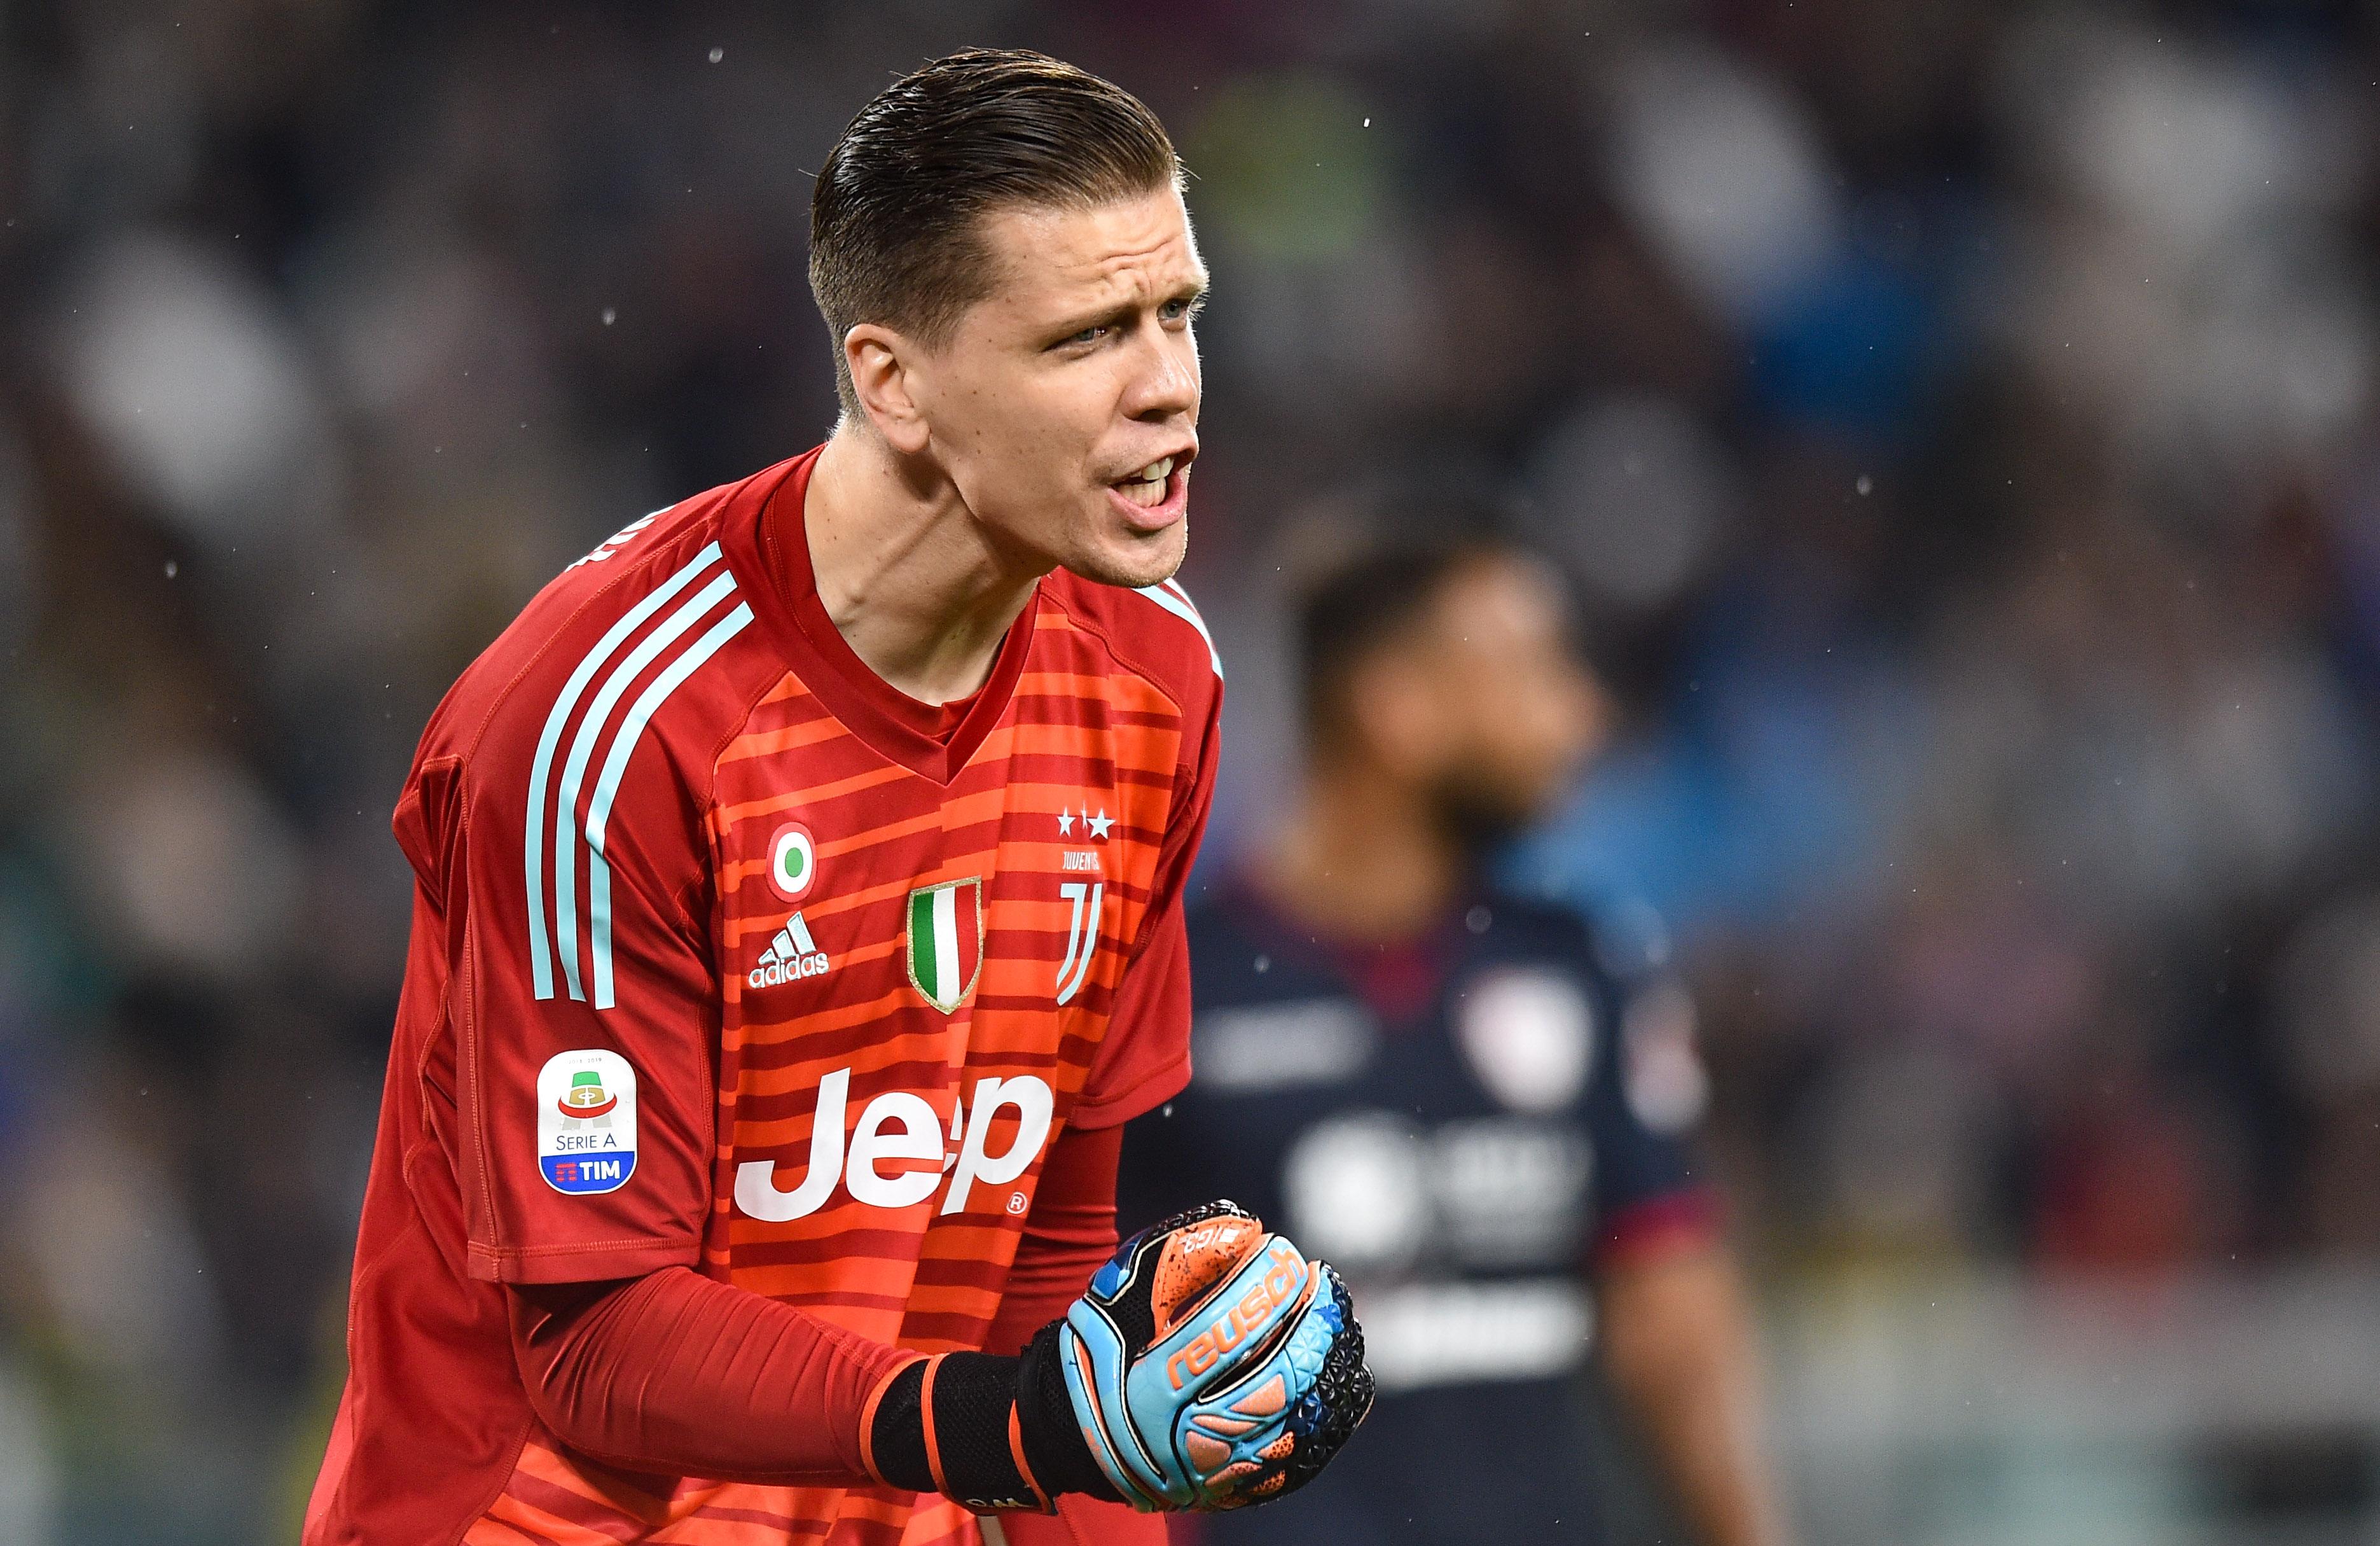 2018.11.03, Turyn, Seria A 2018/2019, Juventus Turyn - Cagliari Calcio N/z: Wojciech Szczesny, Foto Lukasz Laskowski / Press Focus